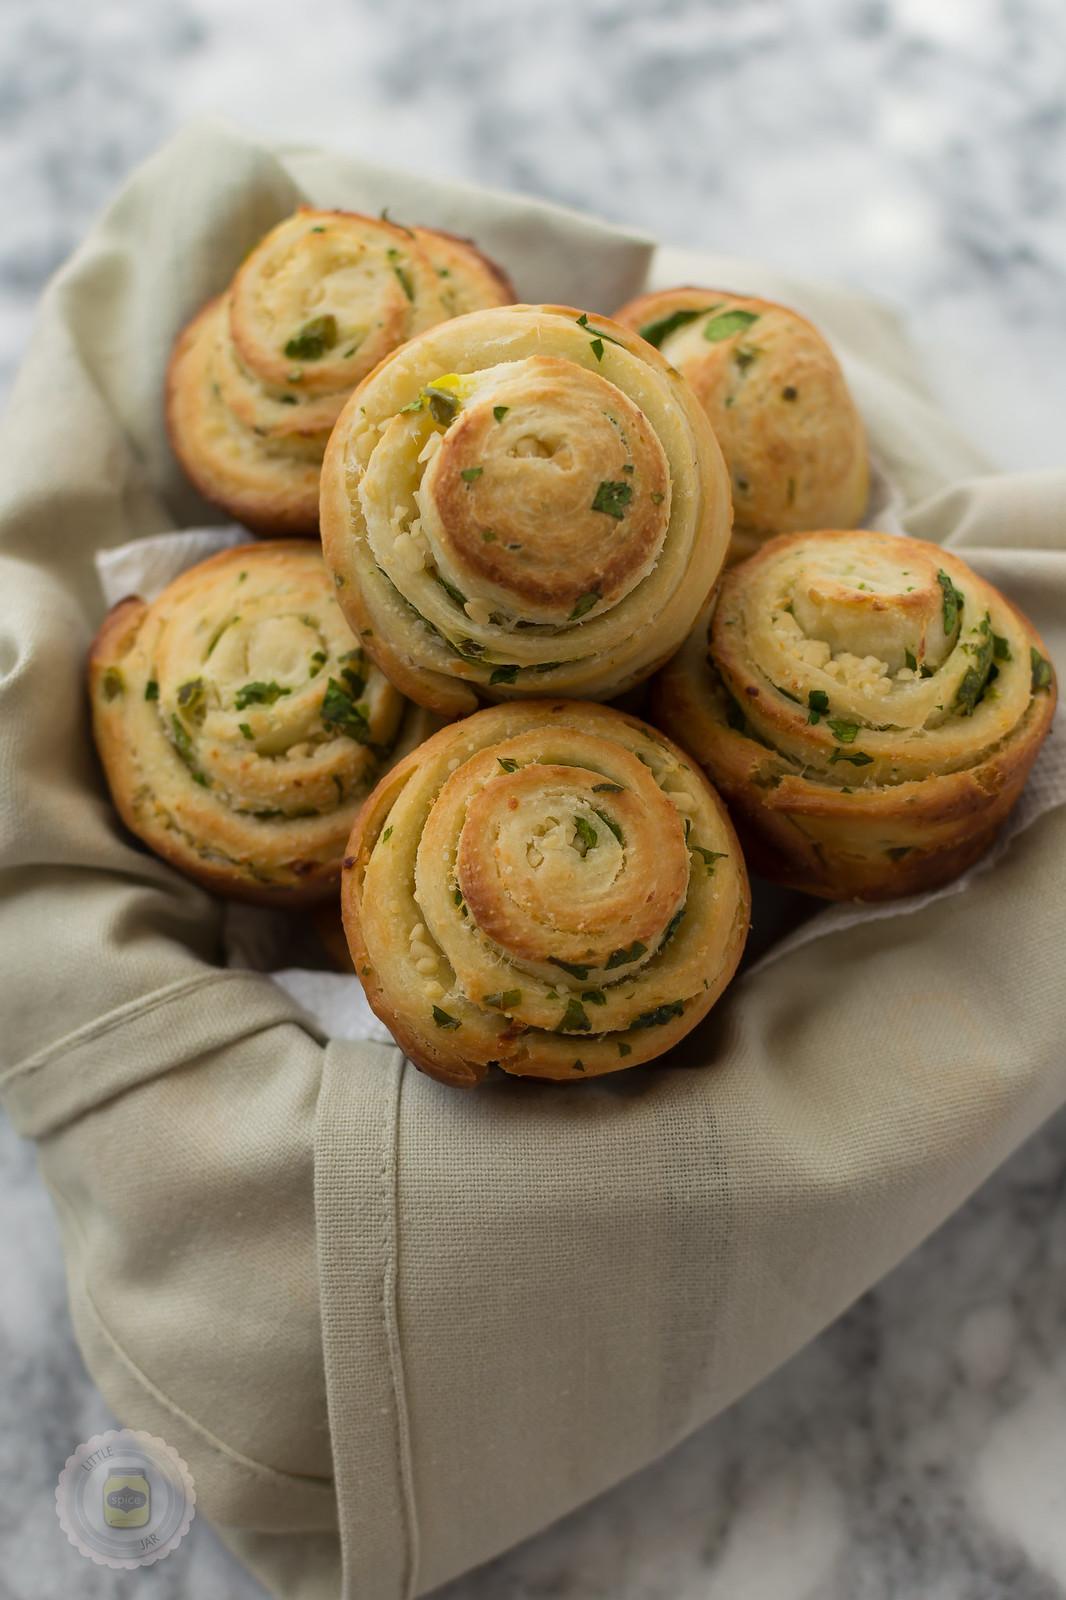 jalapeno parmesan swirl bread rolls in towel lined basket showcasing swirls